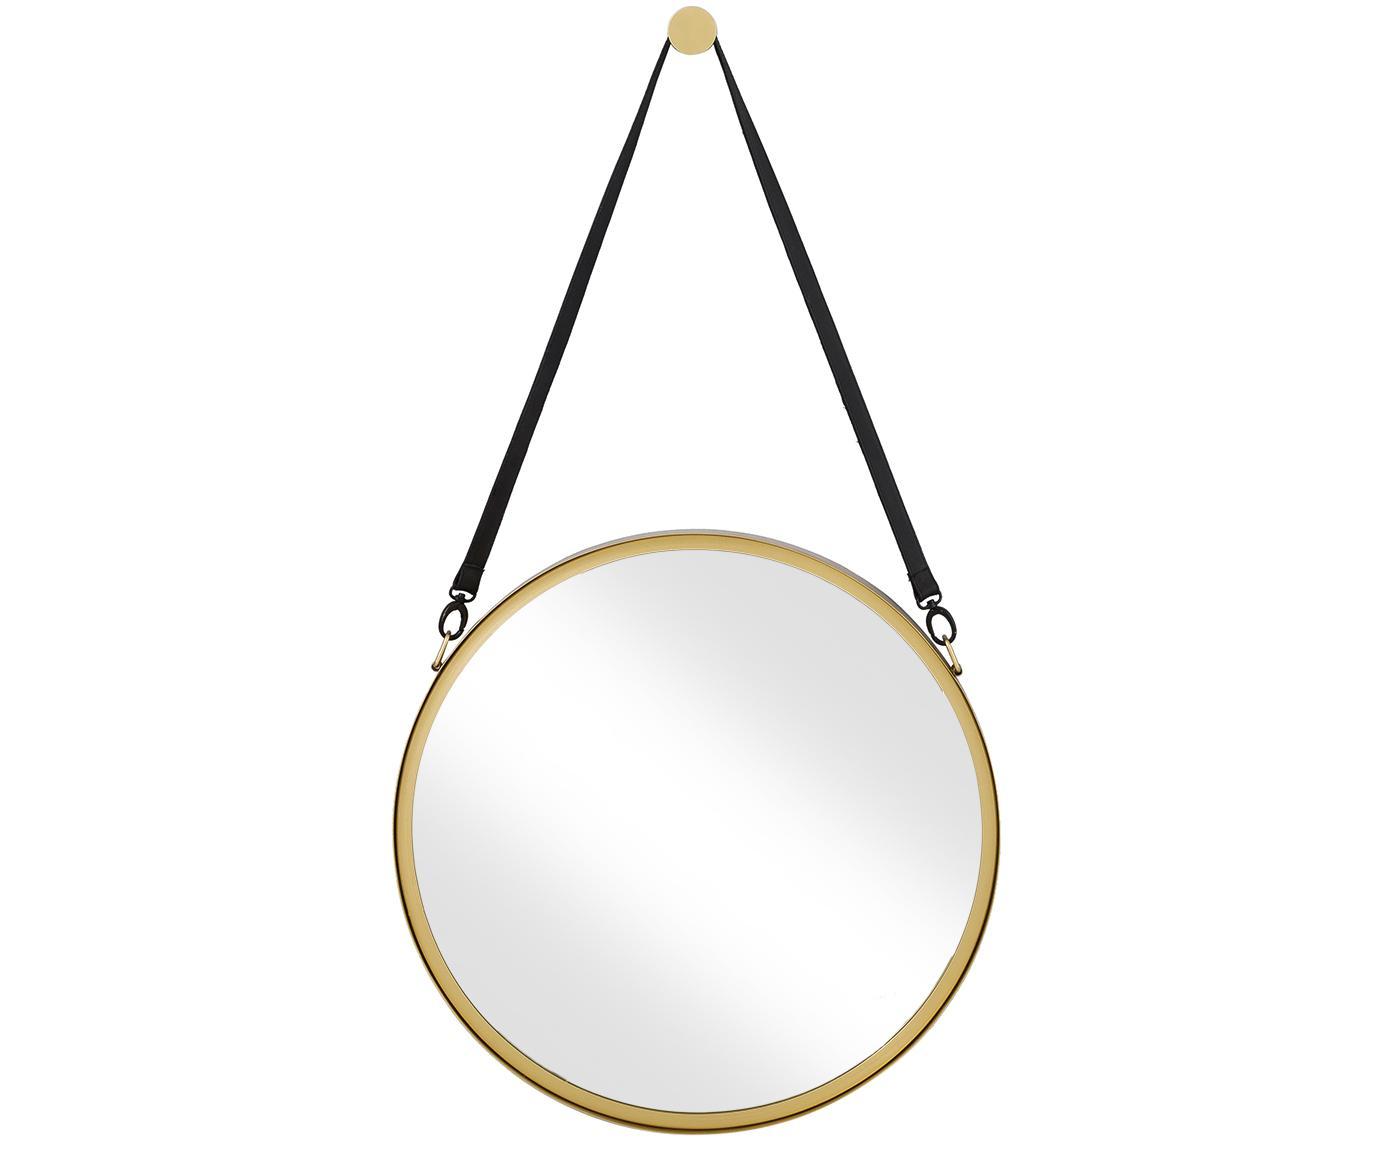 Okrągłe lustro ścienne ze skórzaną pętlą Liz, Złoty, Ø 60 cm